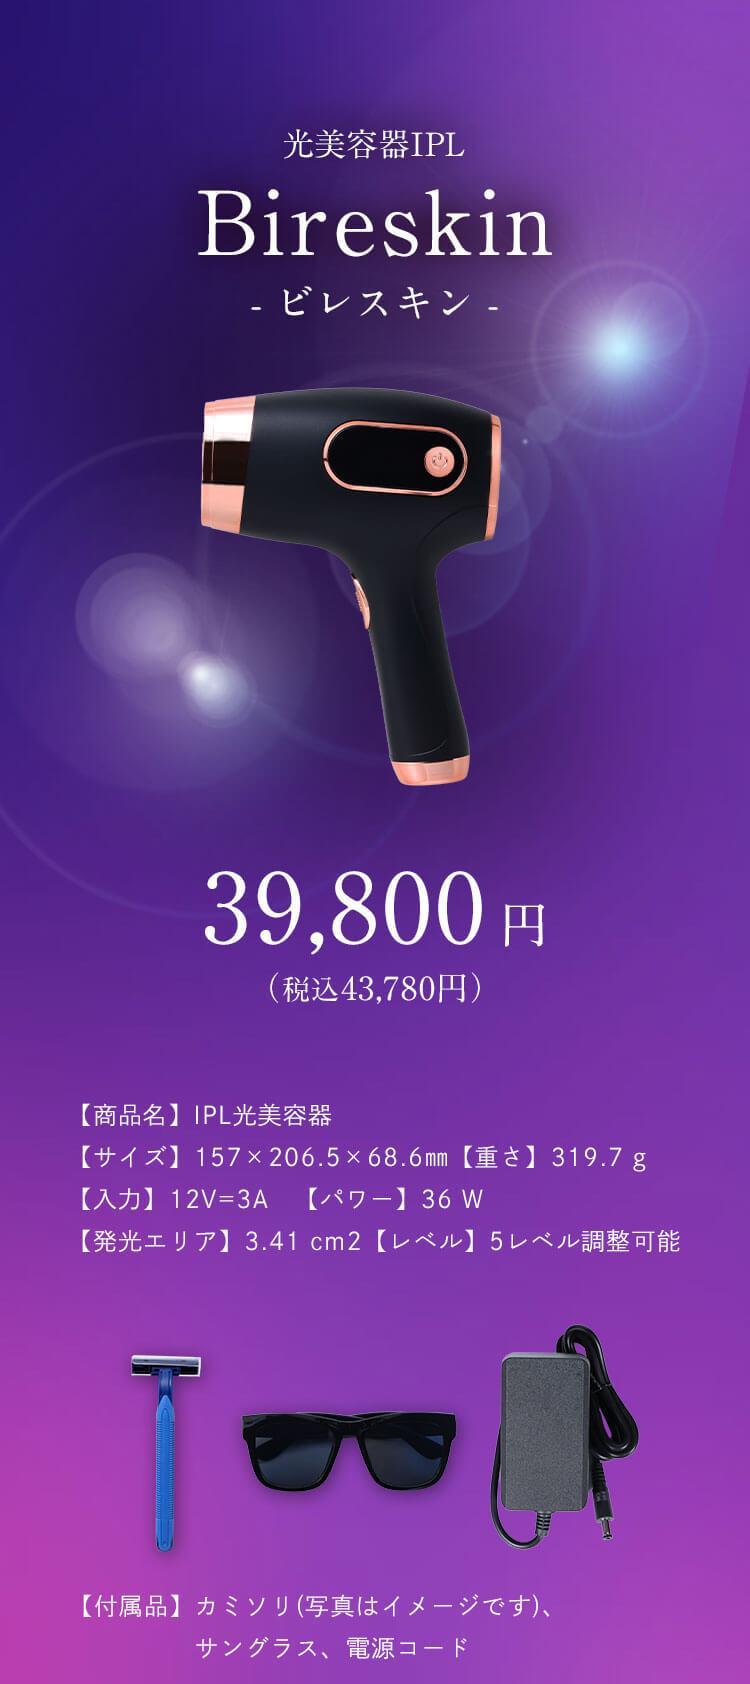 ビレスキン 商品詳細